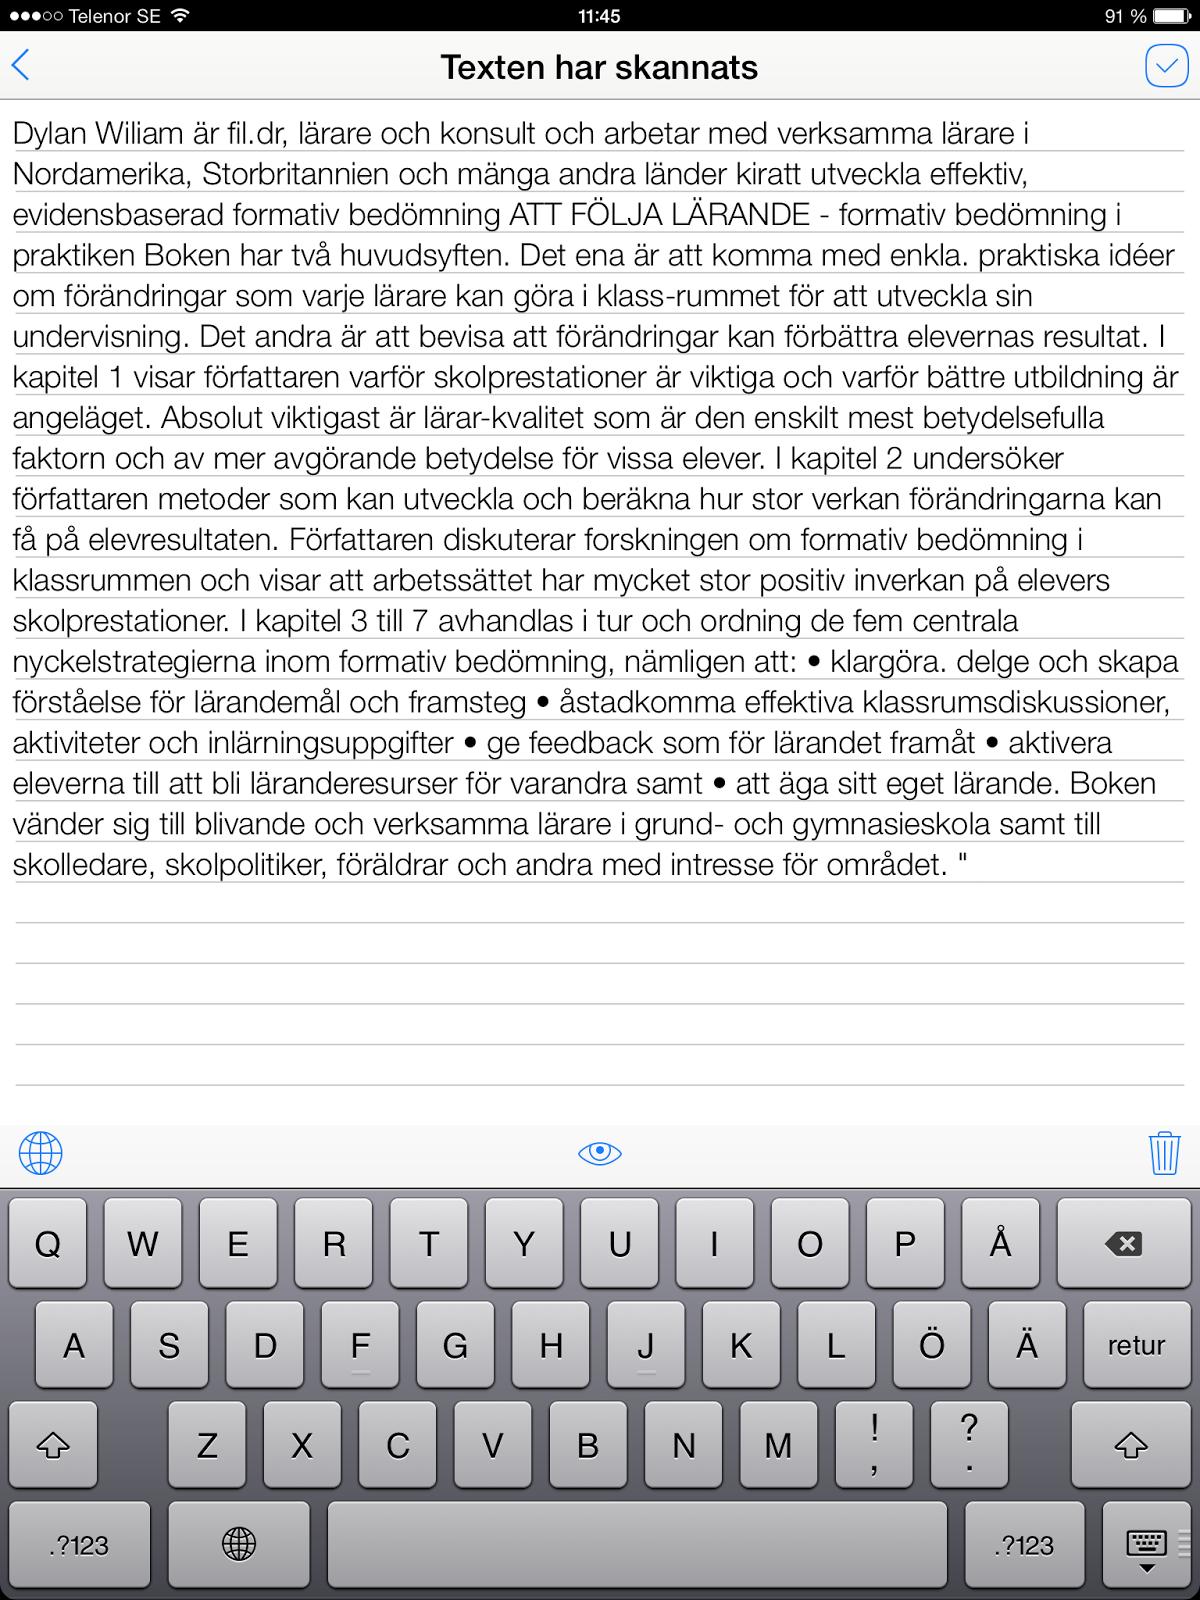 översätt texter på engelska till svenska